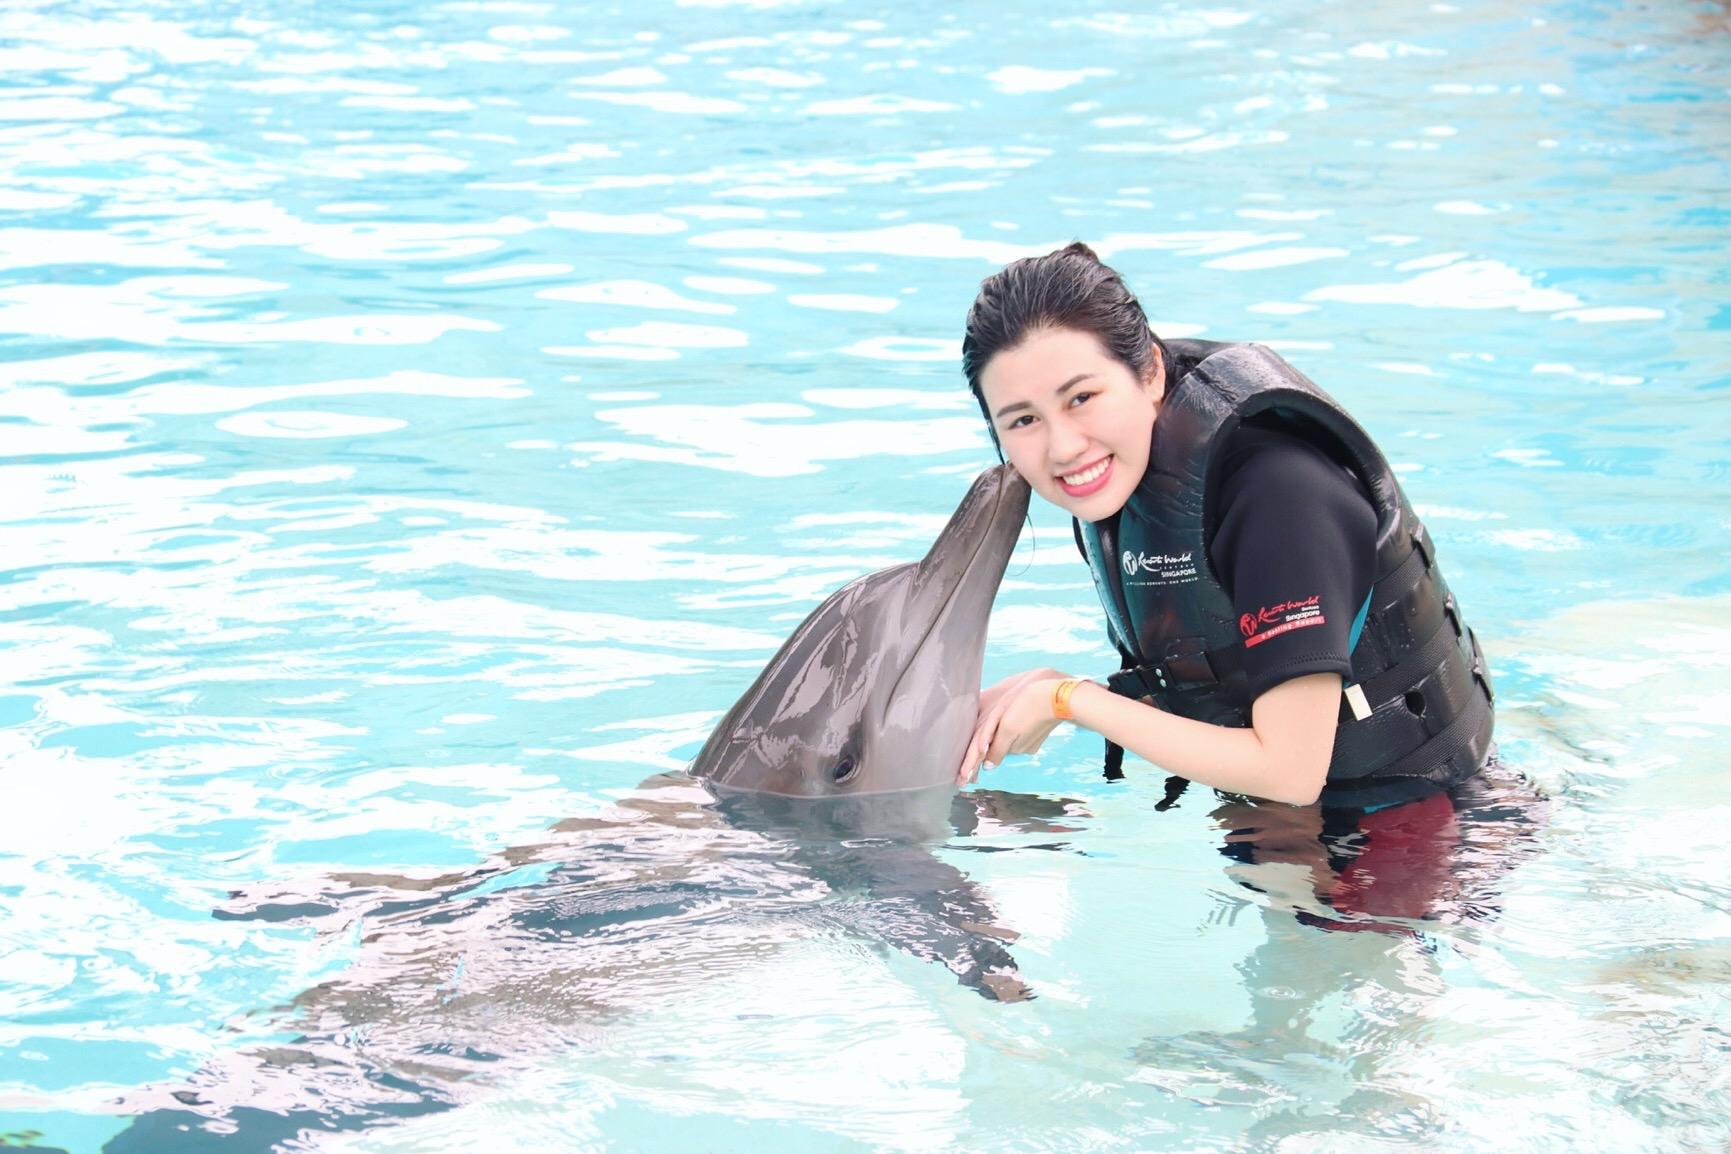 Hoa hậu Du lịch Emily Hồng Nhung đón sinh nhật đặc biệt cùng những chú cá heo tại Singapore - Ảnh 1.